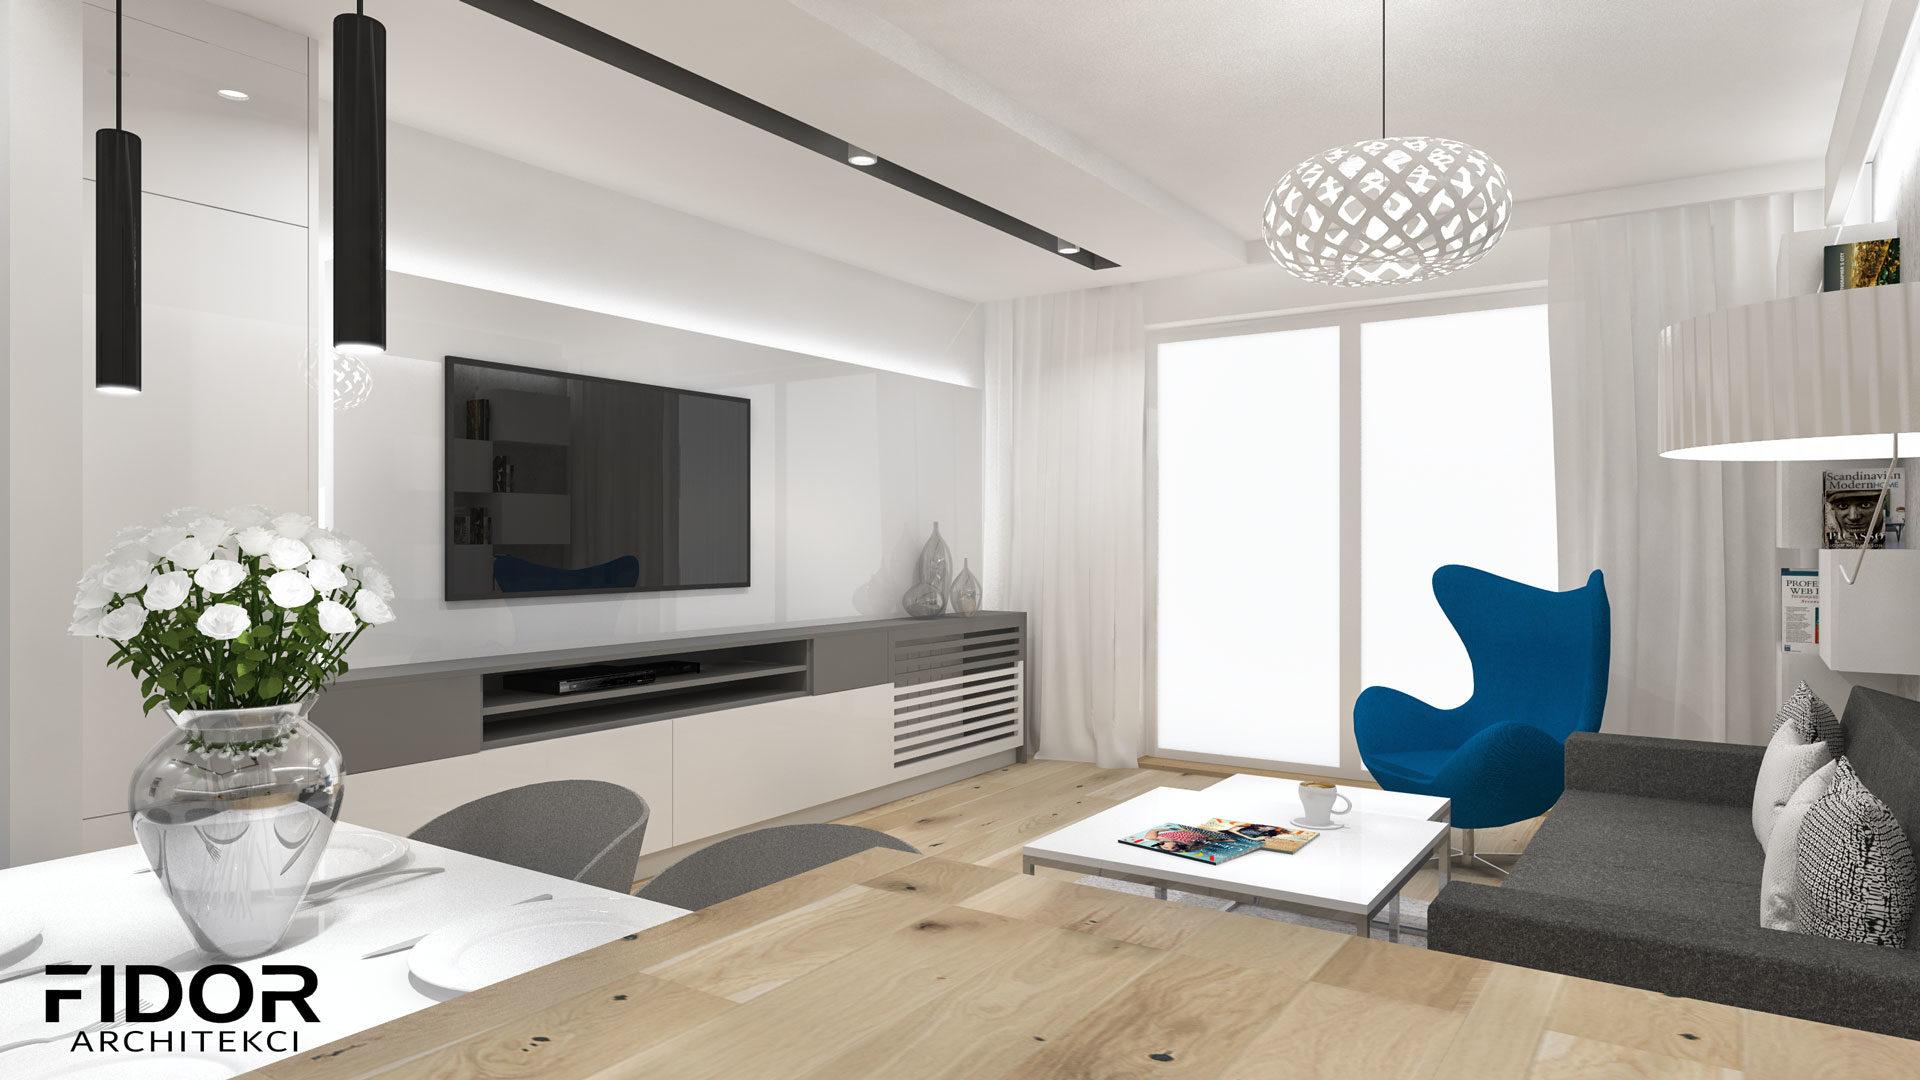 Salon w nowoczesnym mieszkaniu, widok na ścianę z telewizorem.